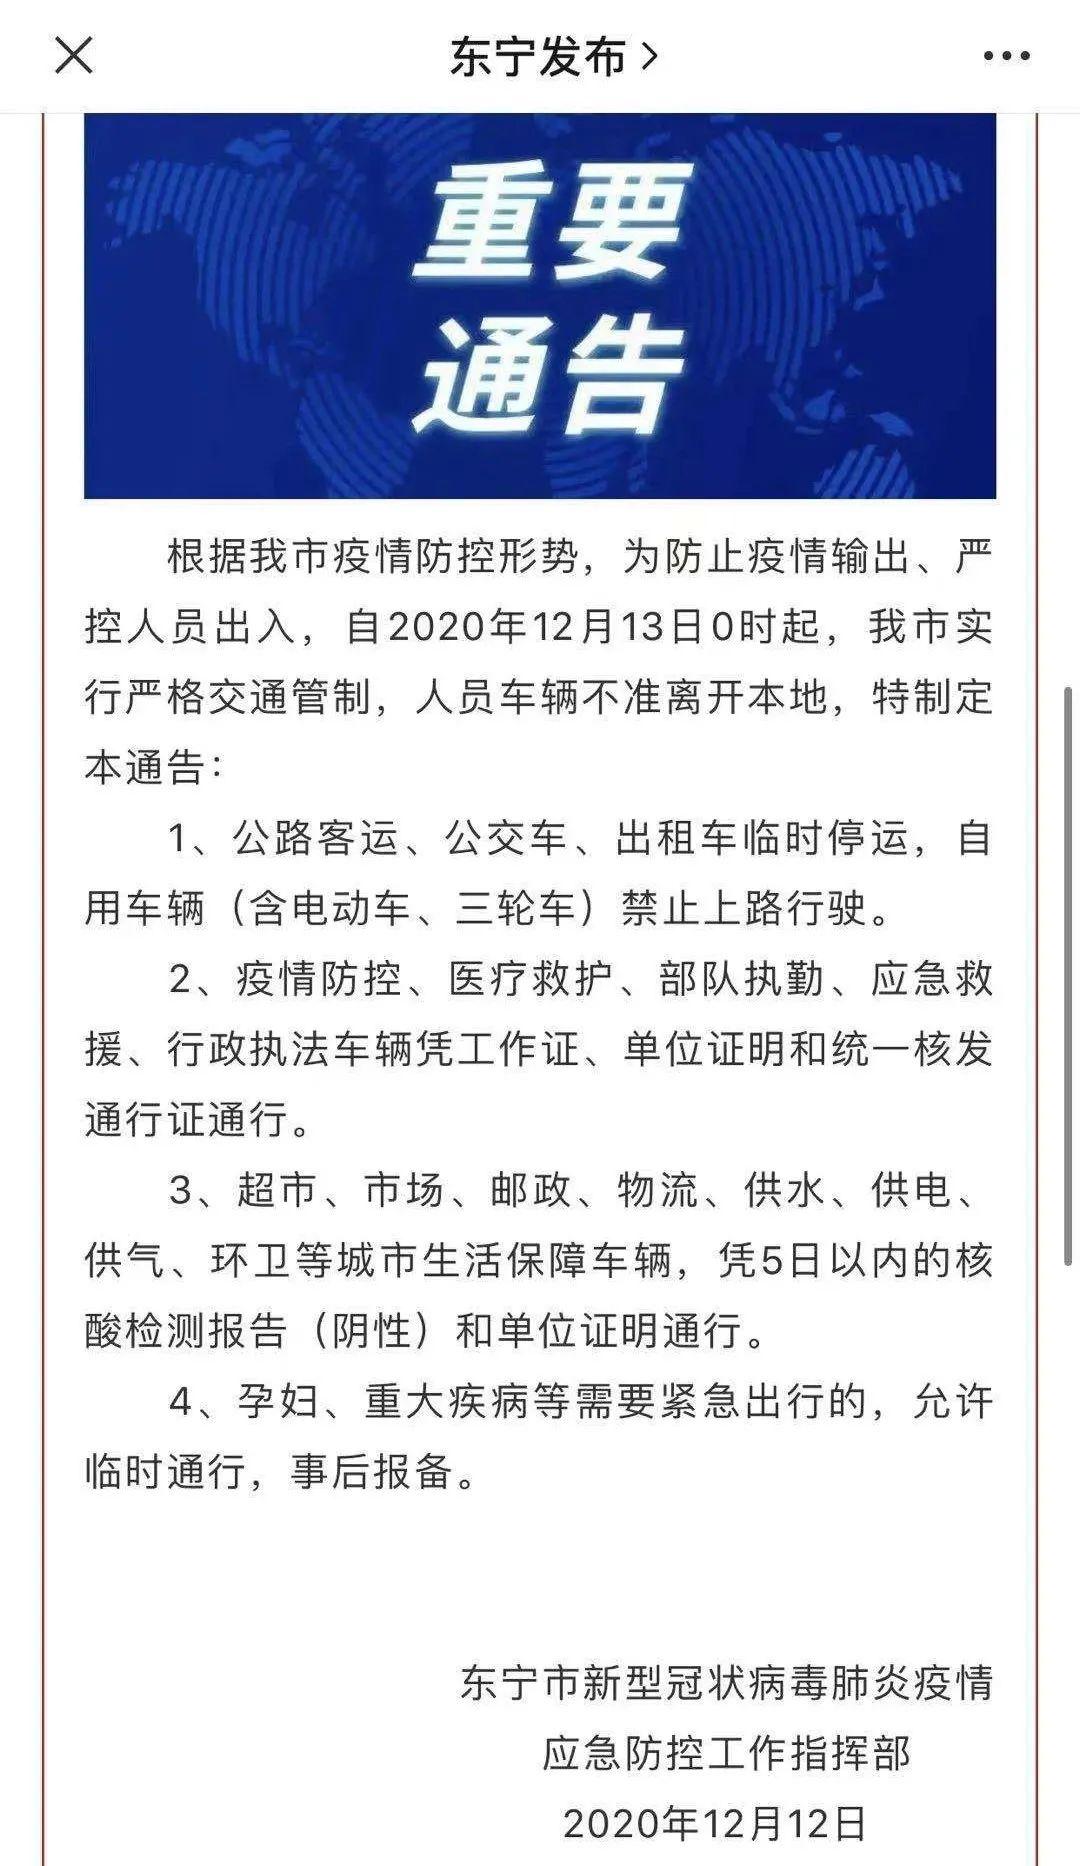 黑龙江东宁:人员车辆不准离开本地!公交车、出租车临时停运